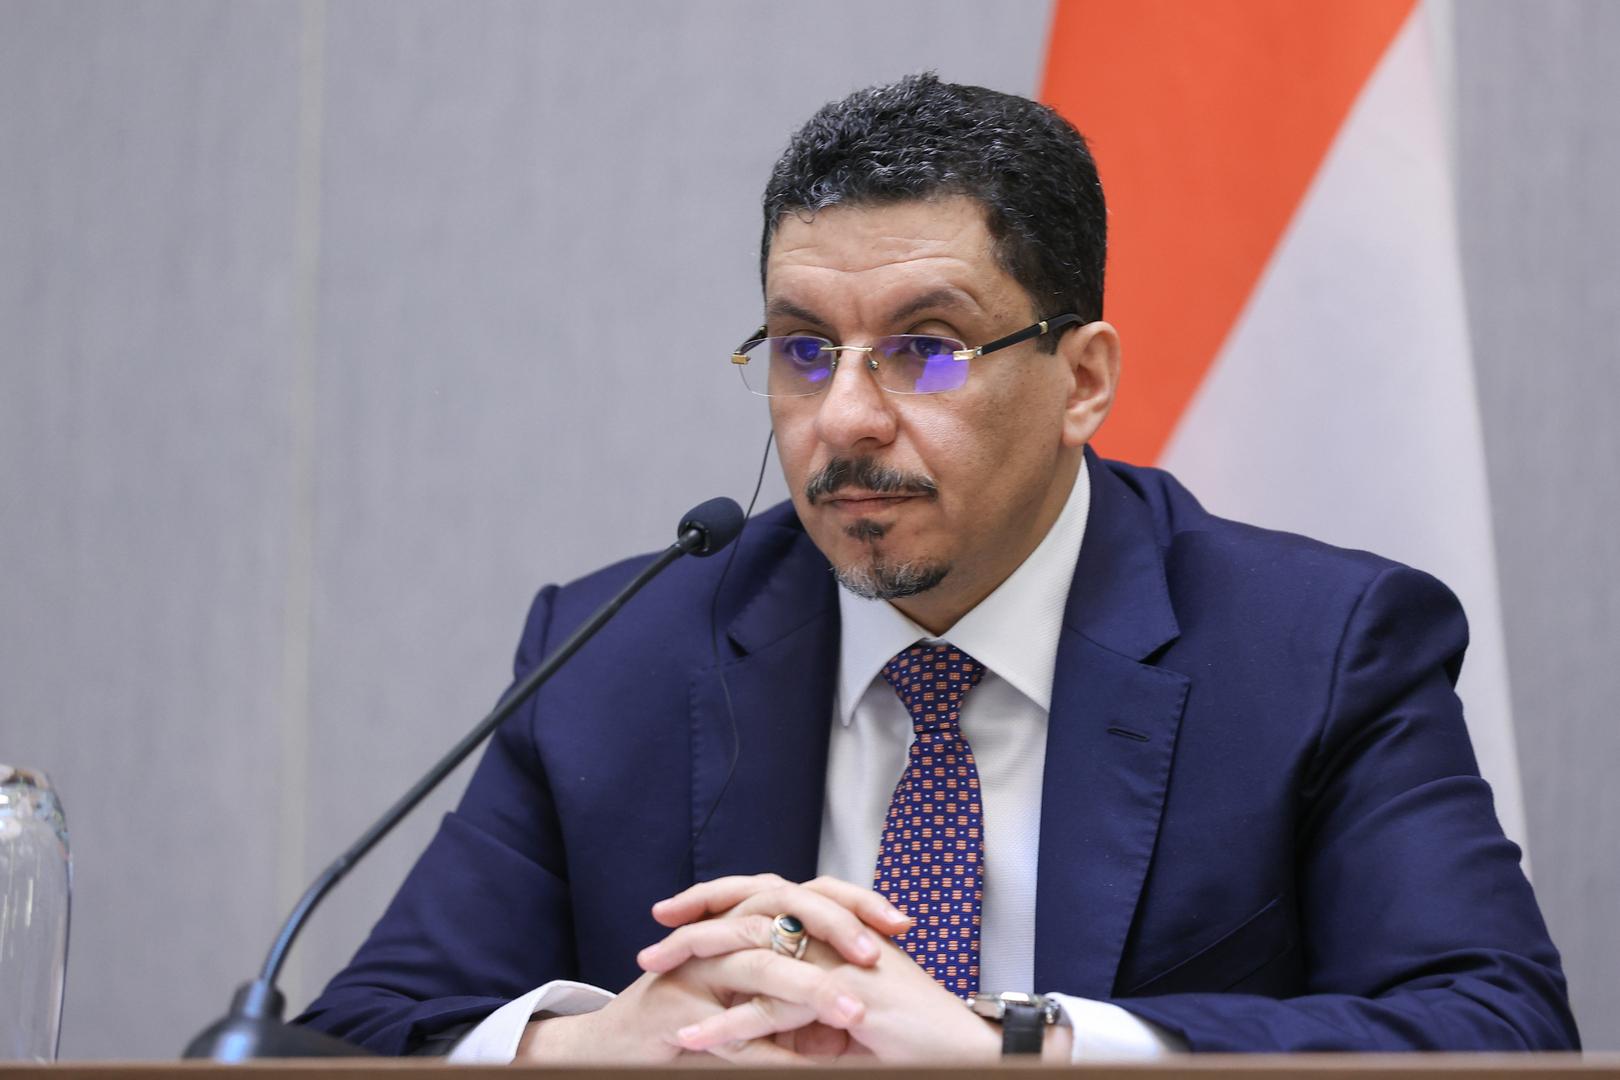 الحكومة اليمنية تدعو لتنفيذ الشق الأمني والعسكري من اتفاق الرياض